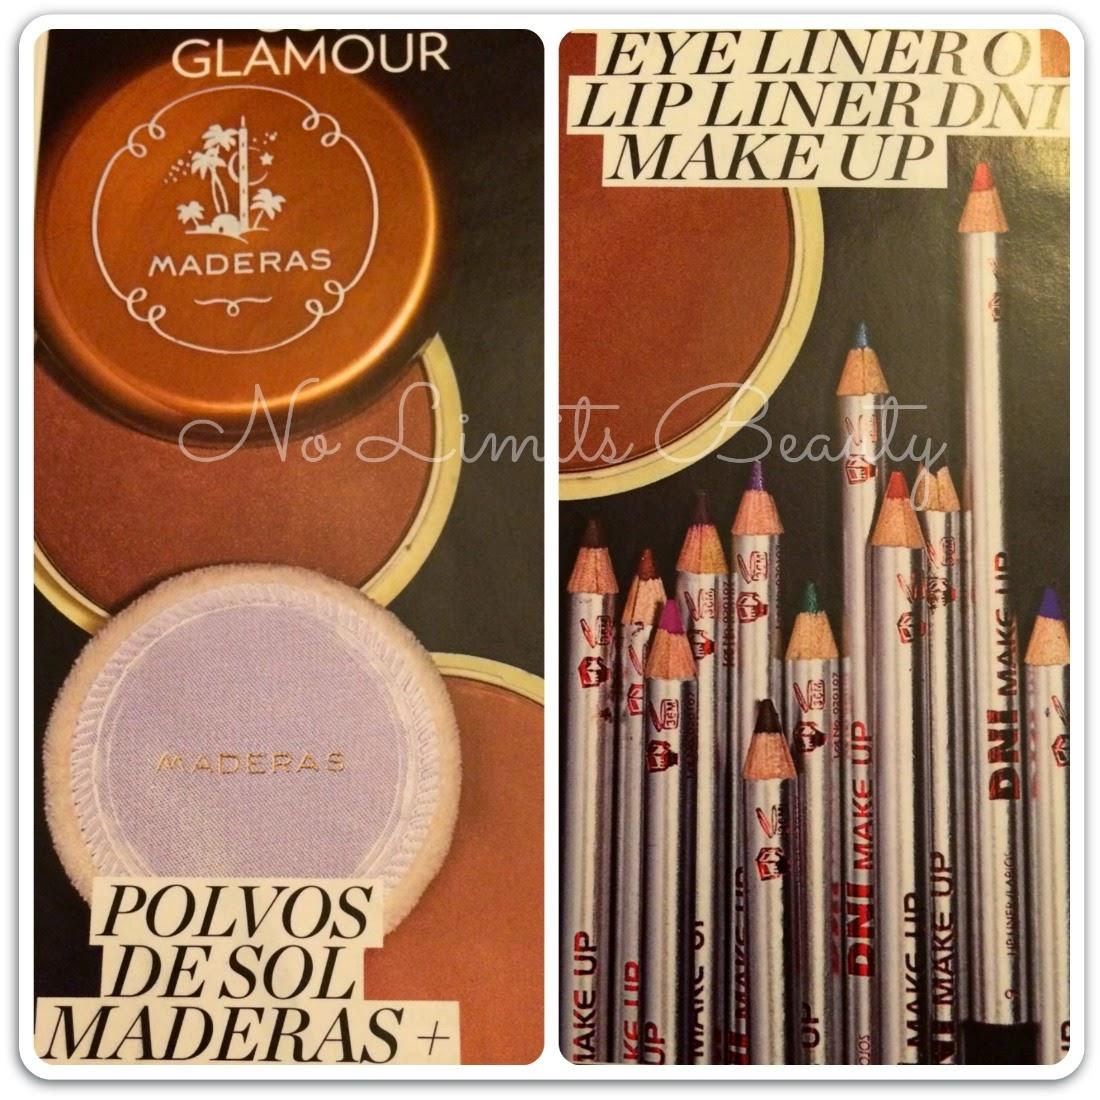 Regalos revistas septiembre 2014: Glamour